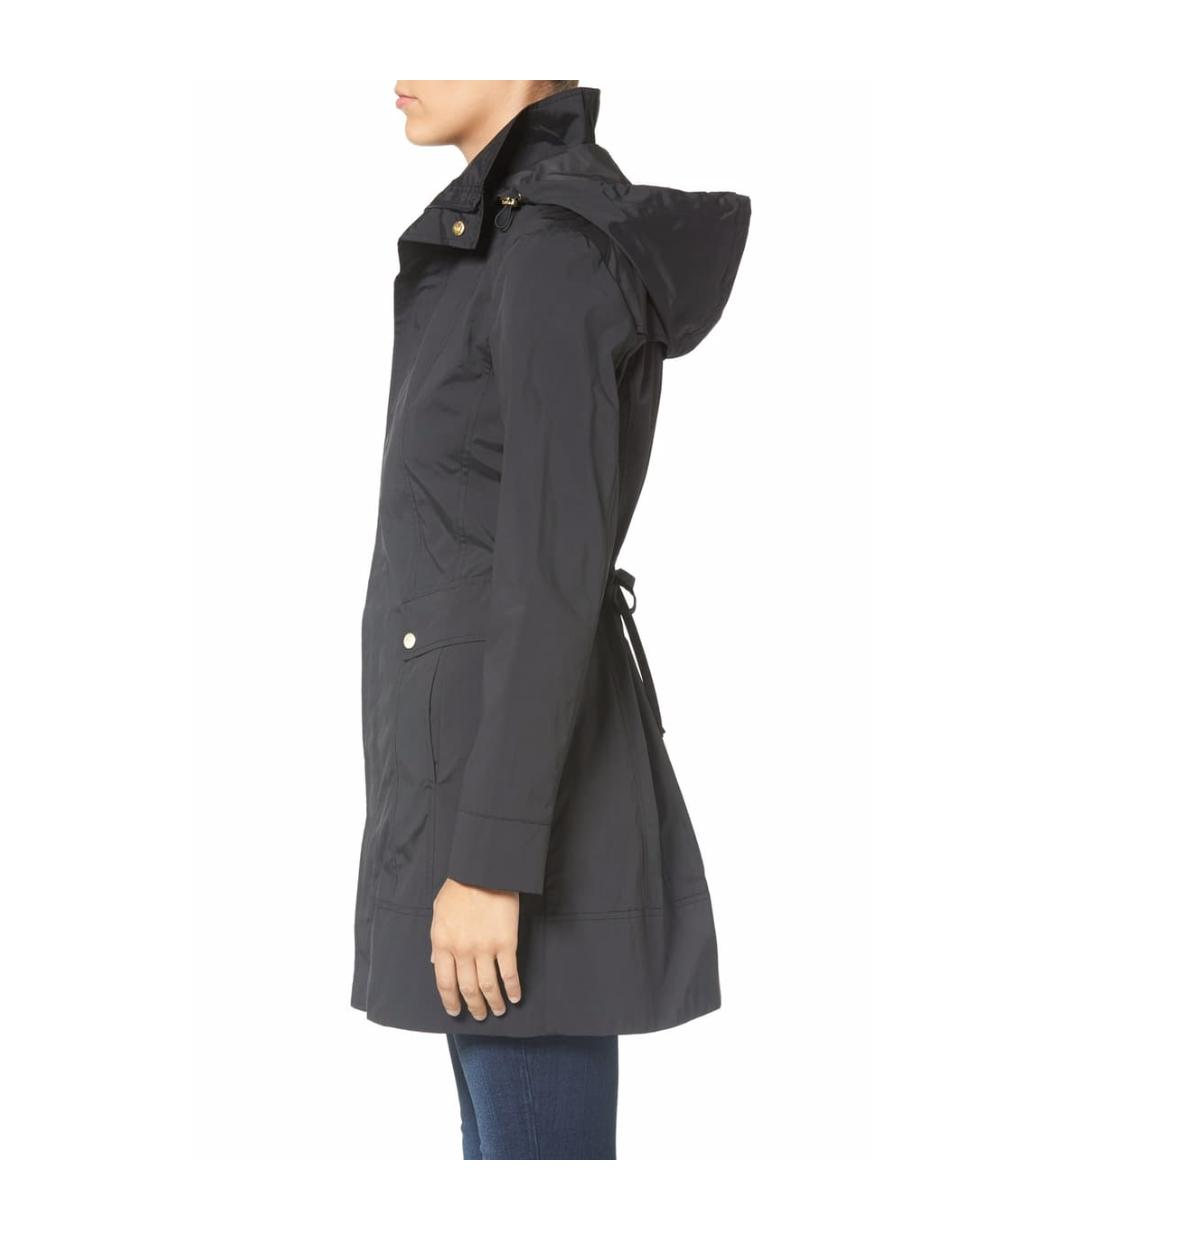 $200 Haan Petite Packable Hooded Raincoat